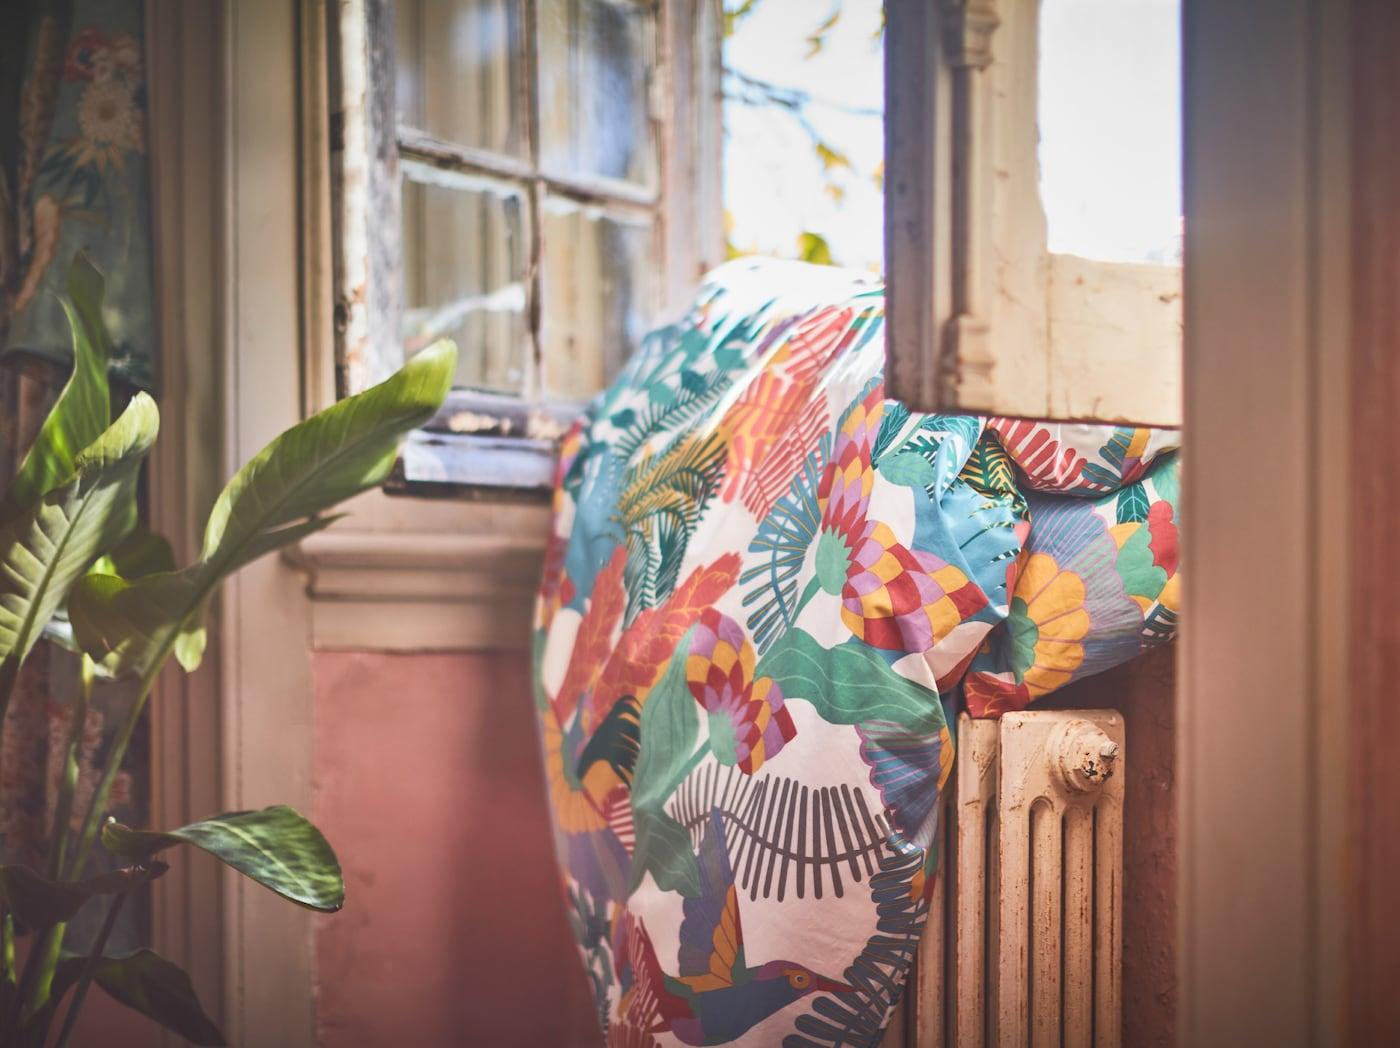 Das SKOGSFIBBLA Bettwäscheset mit seinem bunten, sonnengebleichten Muster liegt über einem Heizkörper an einem offenen Fenster.